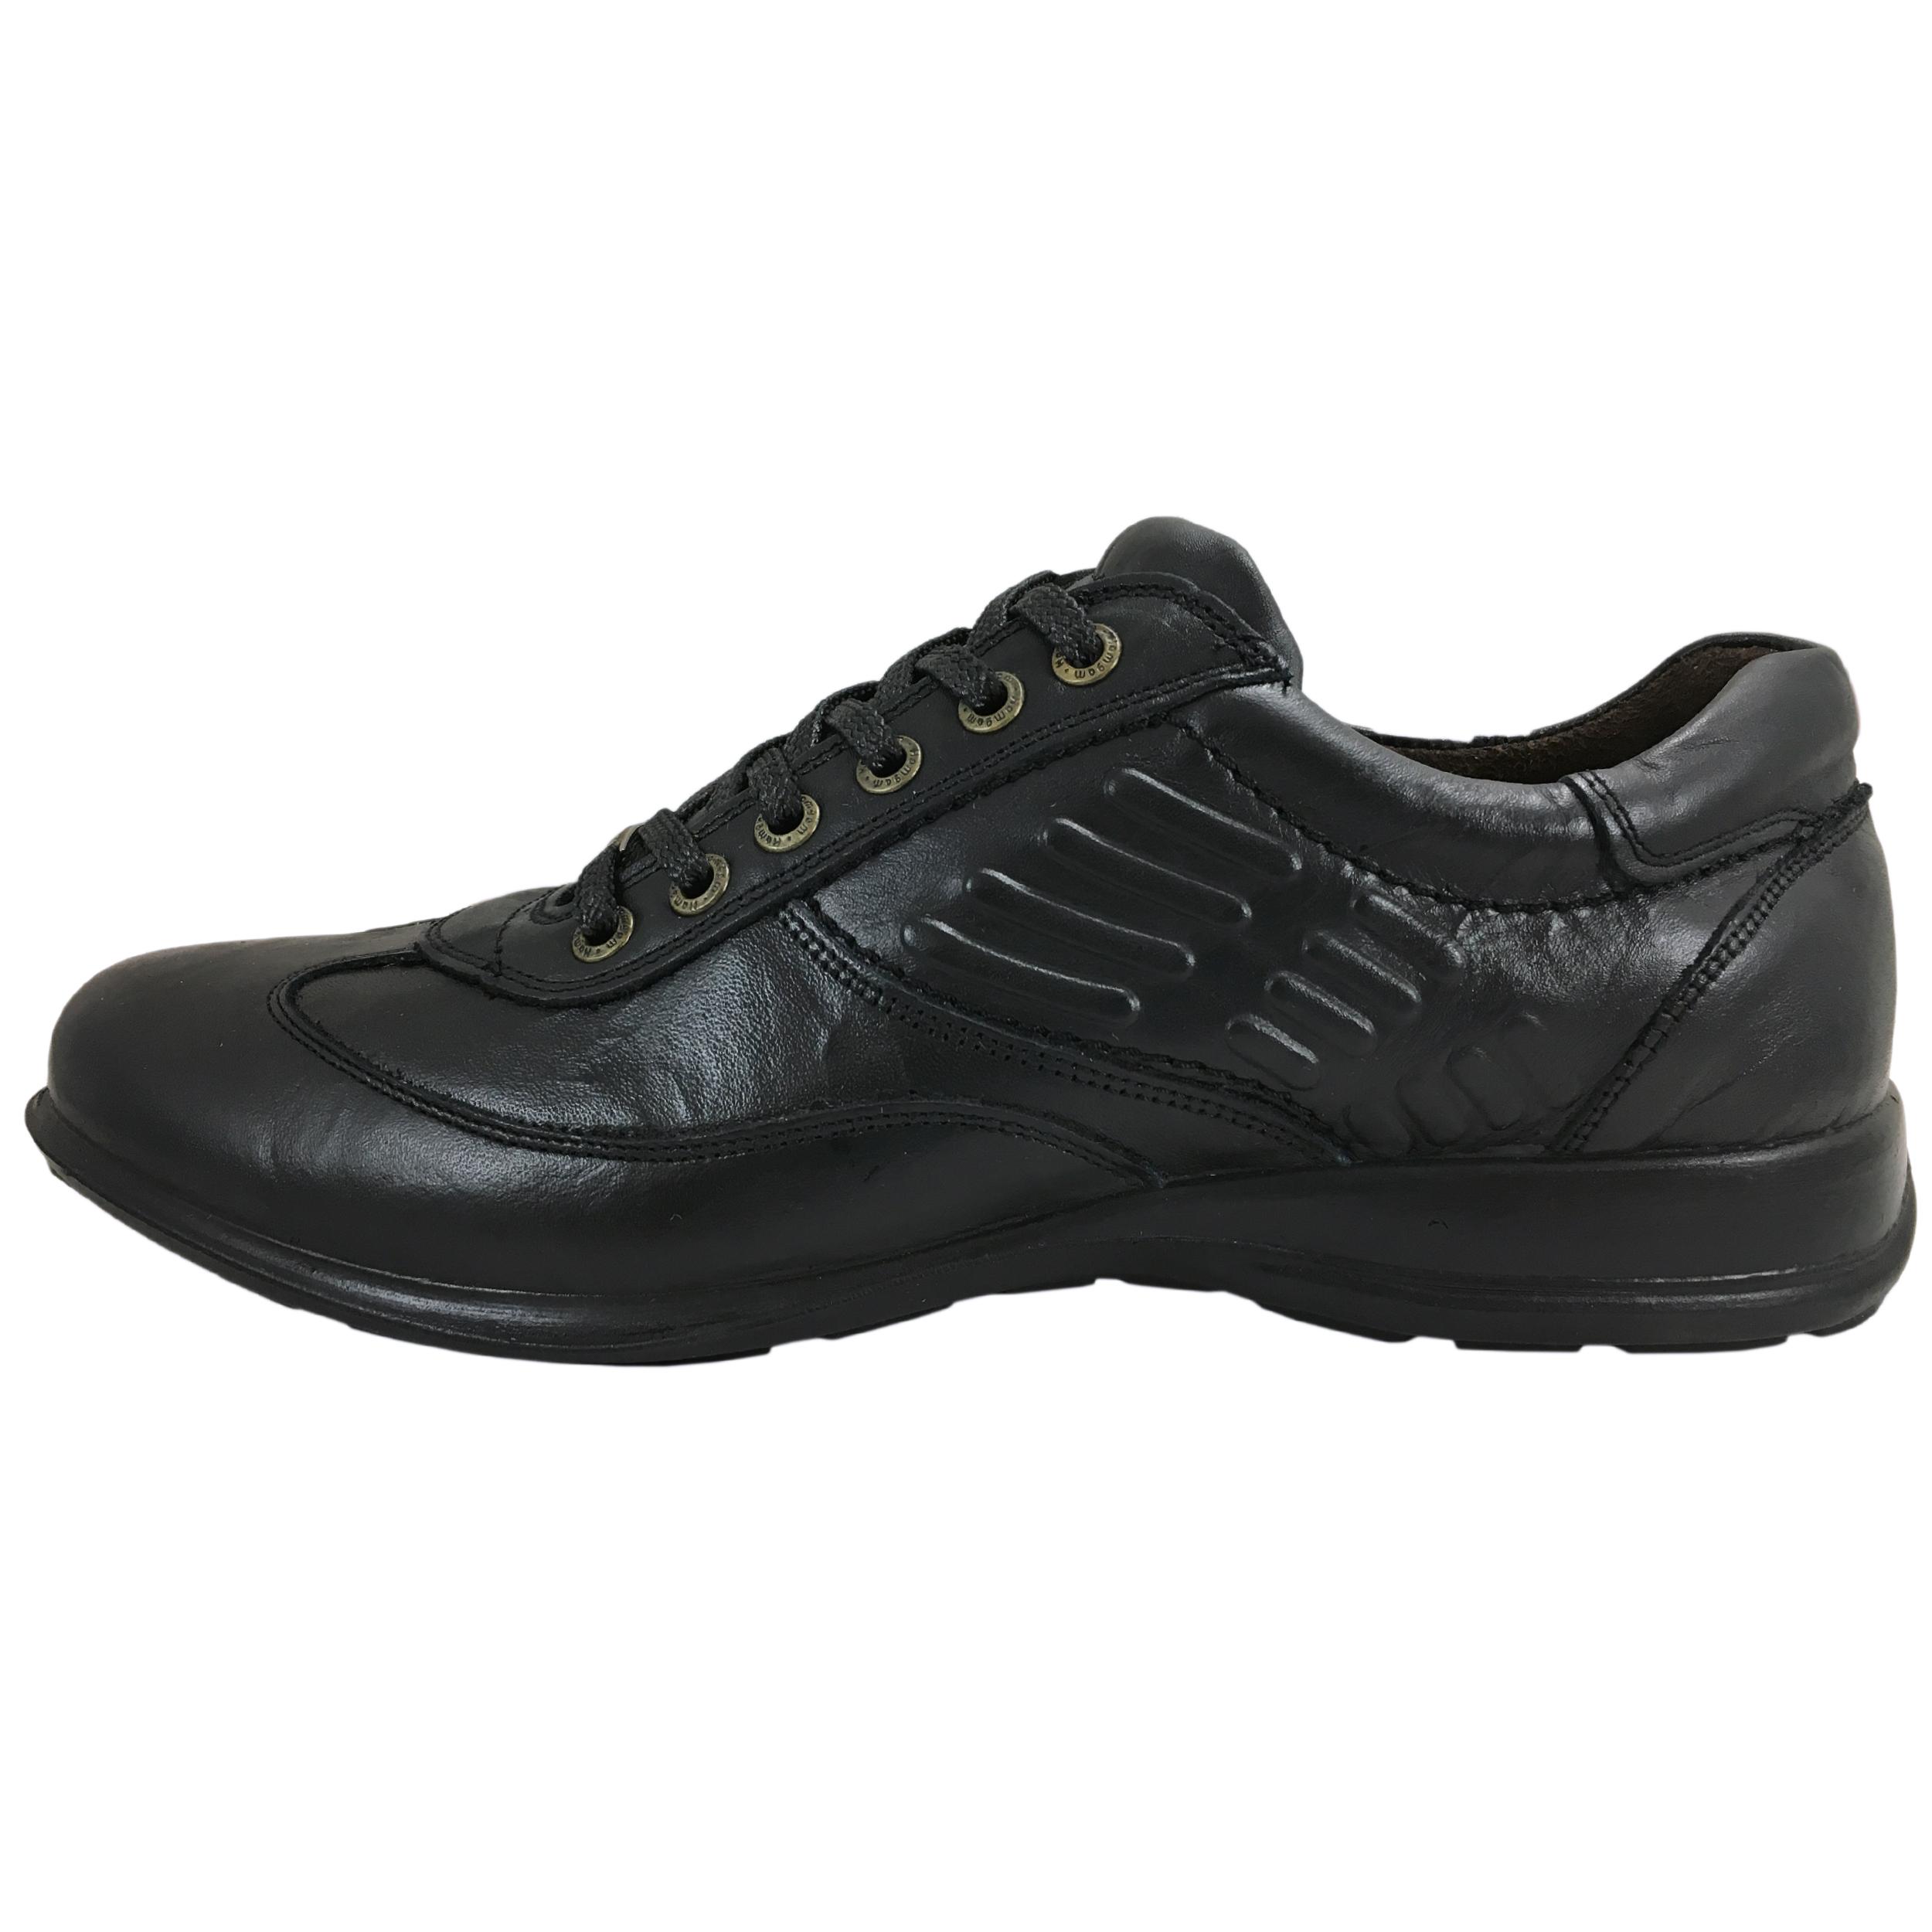 کفش مردانه همگام مدل اسکوتر کد 3295